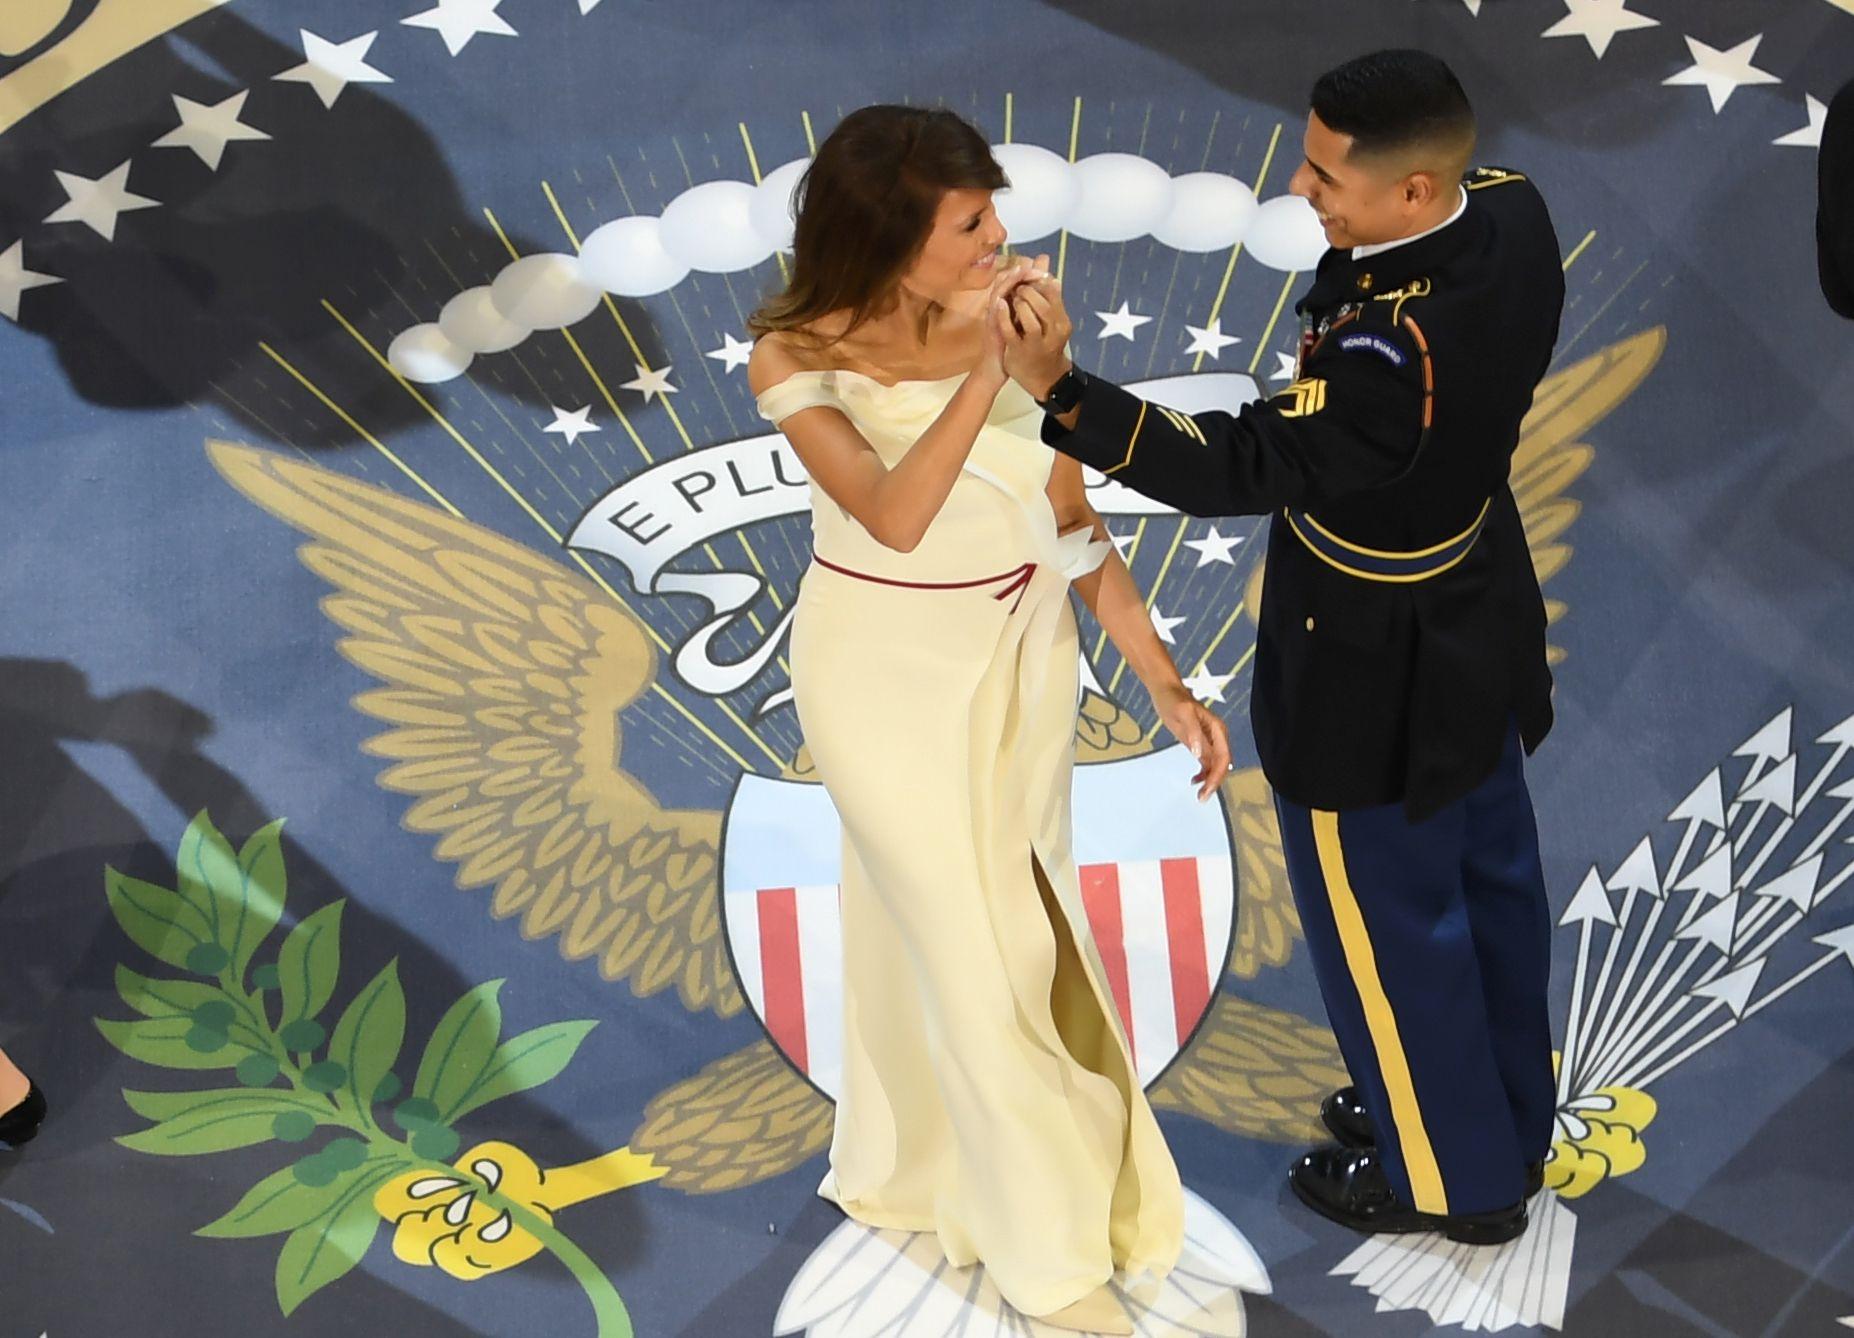 ميلانيا فى رقصة احتفالية مع أحد أفراد القوات